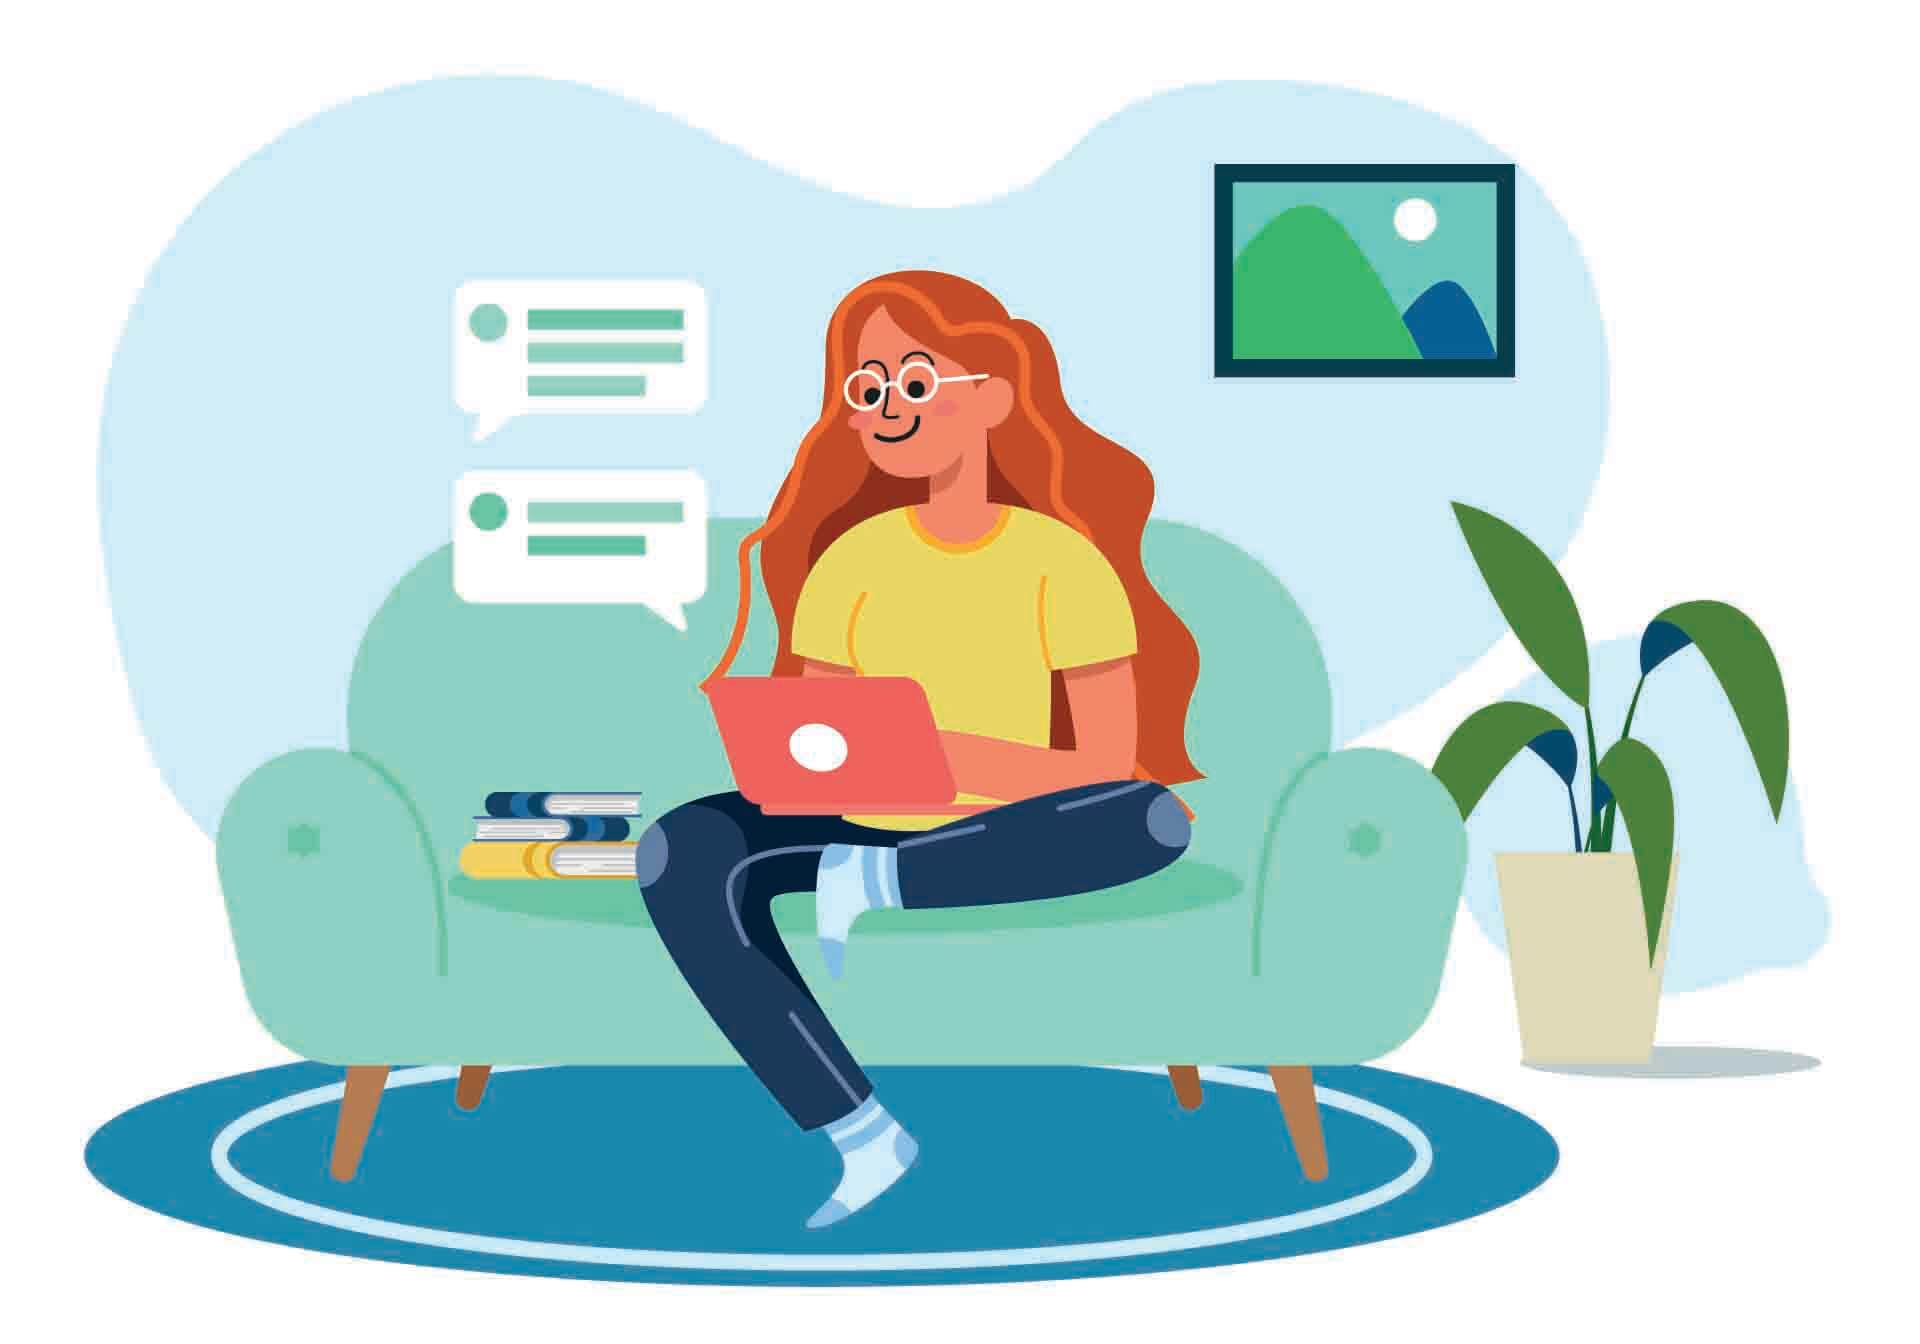 Γυναίκα εργάζεται μέσω τηλεδιάσκεψης